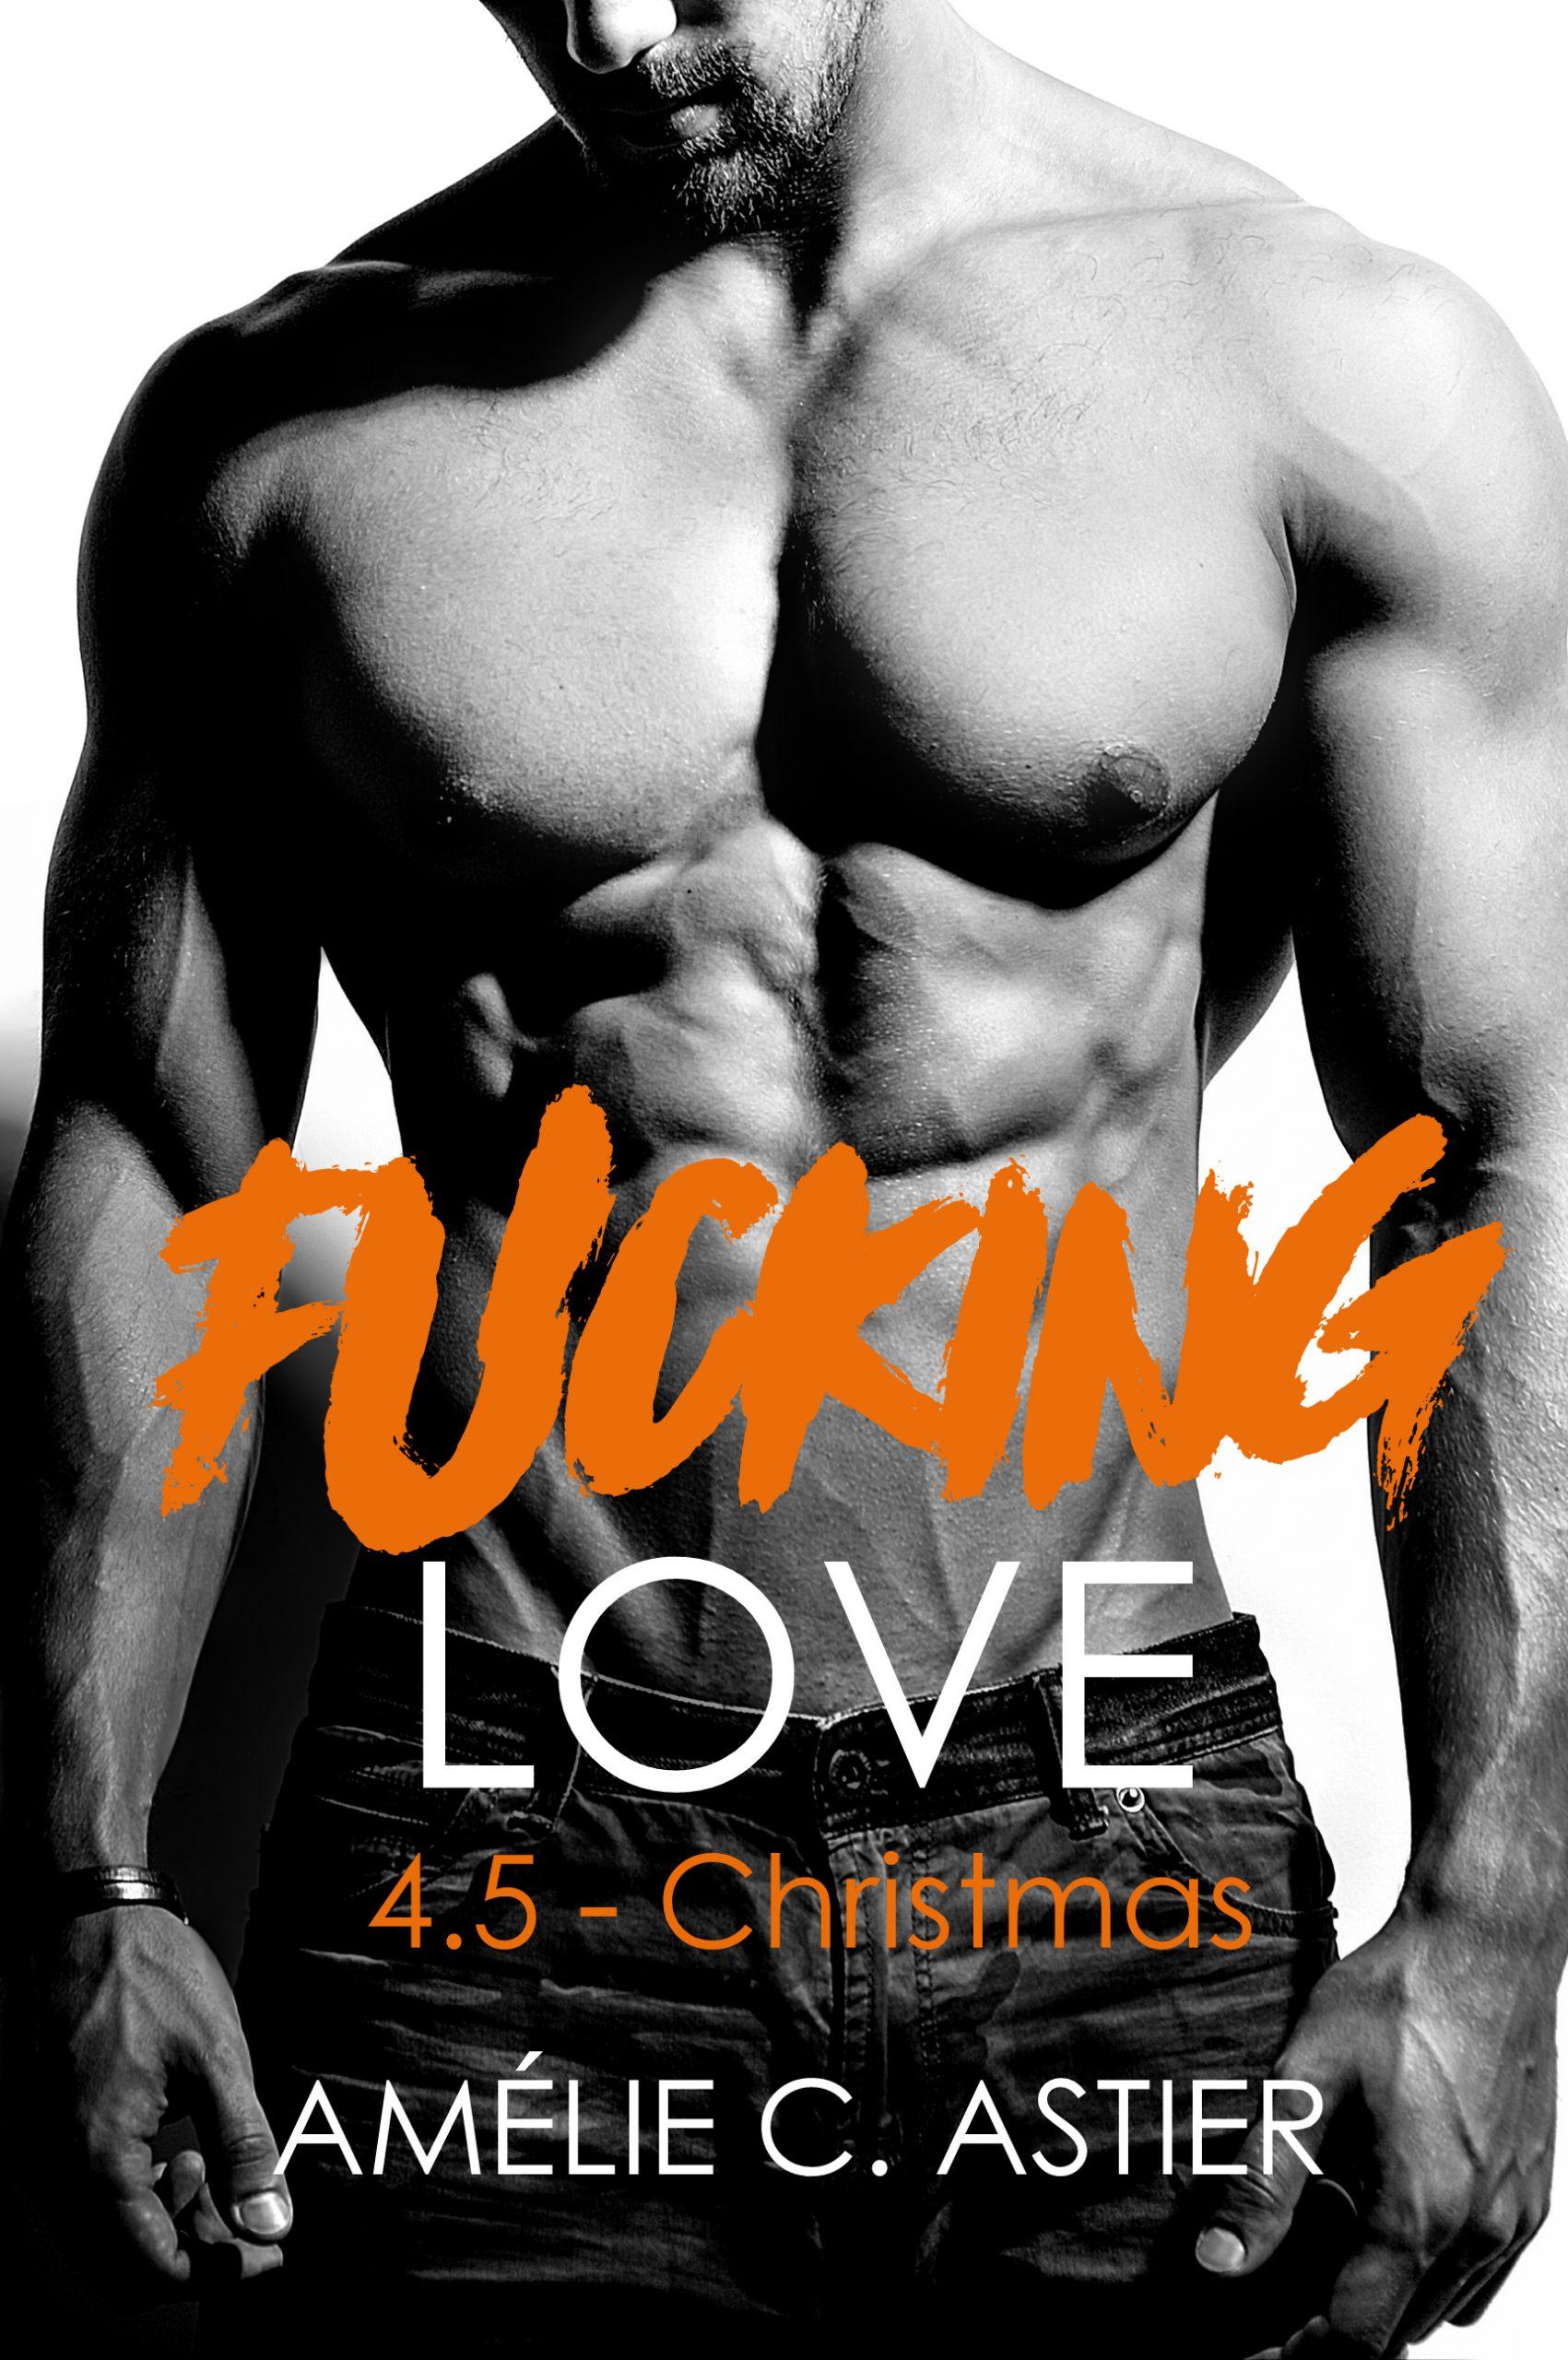 Fucking love – Tome : 4,5 : Christmas écrit par Amélie C. Astier